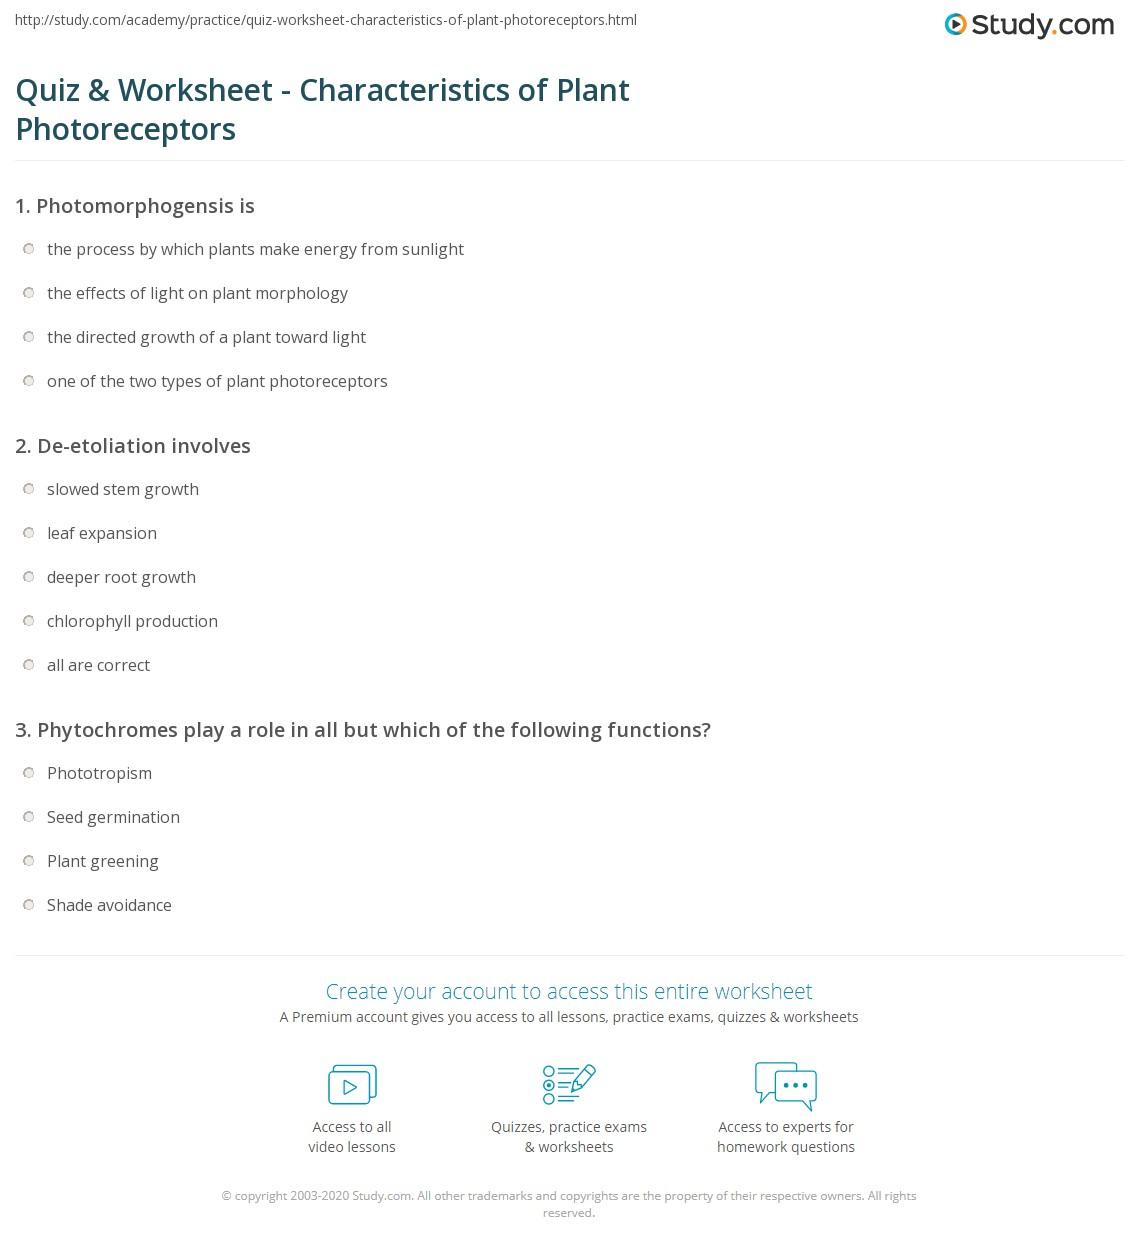 Quiz & Worksheet - Characteristics of Plant Photoreceptors   Study.com